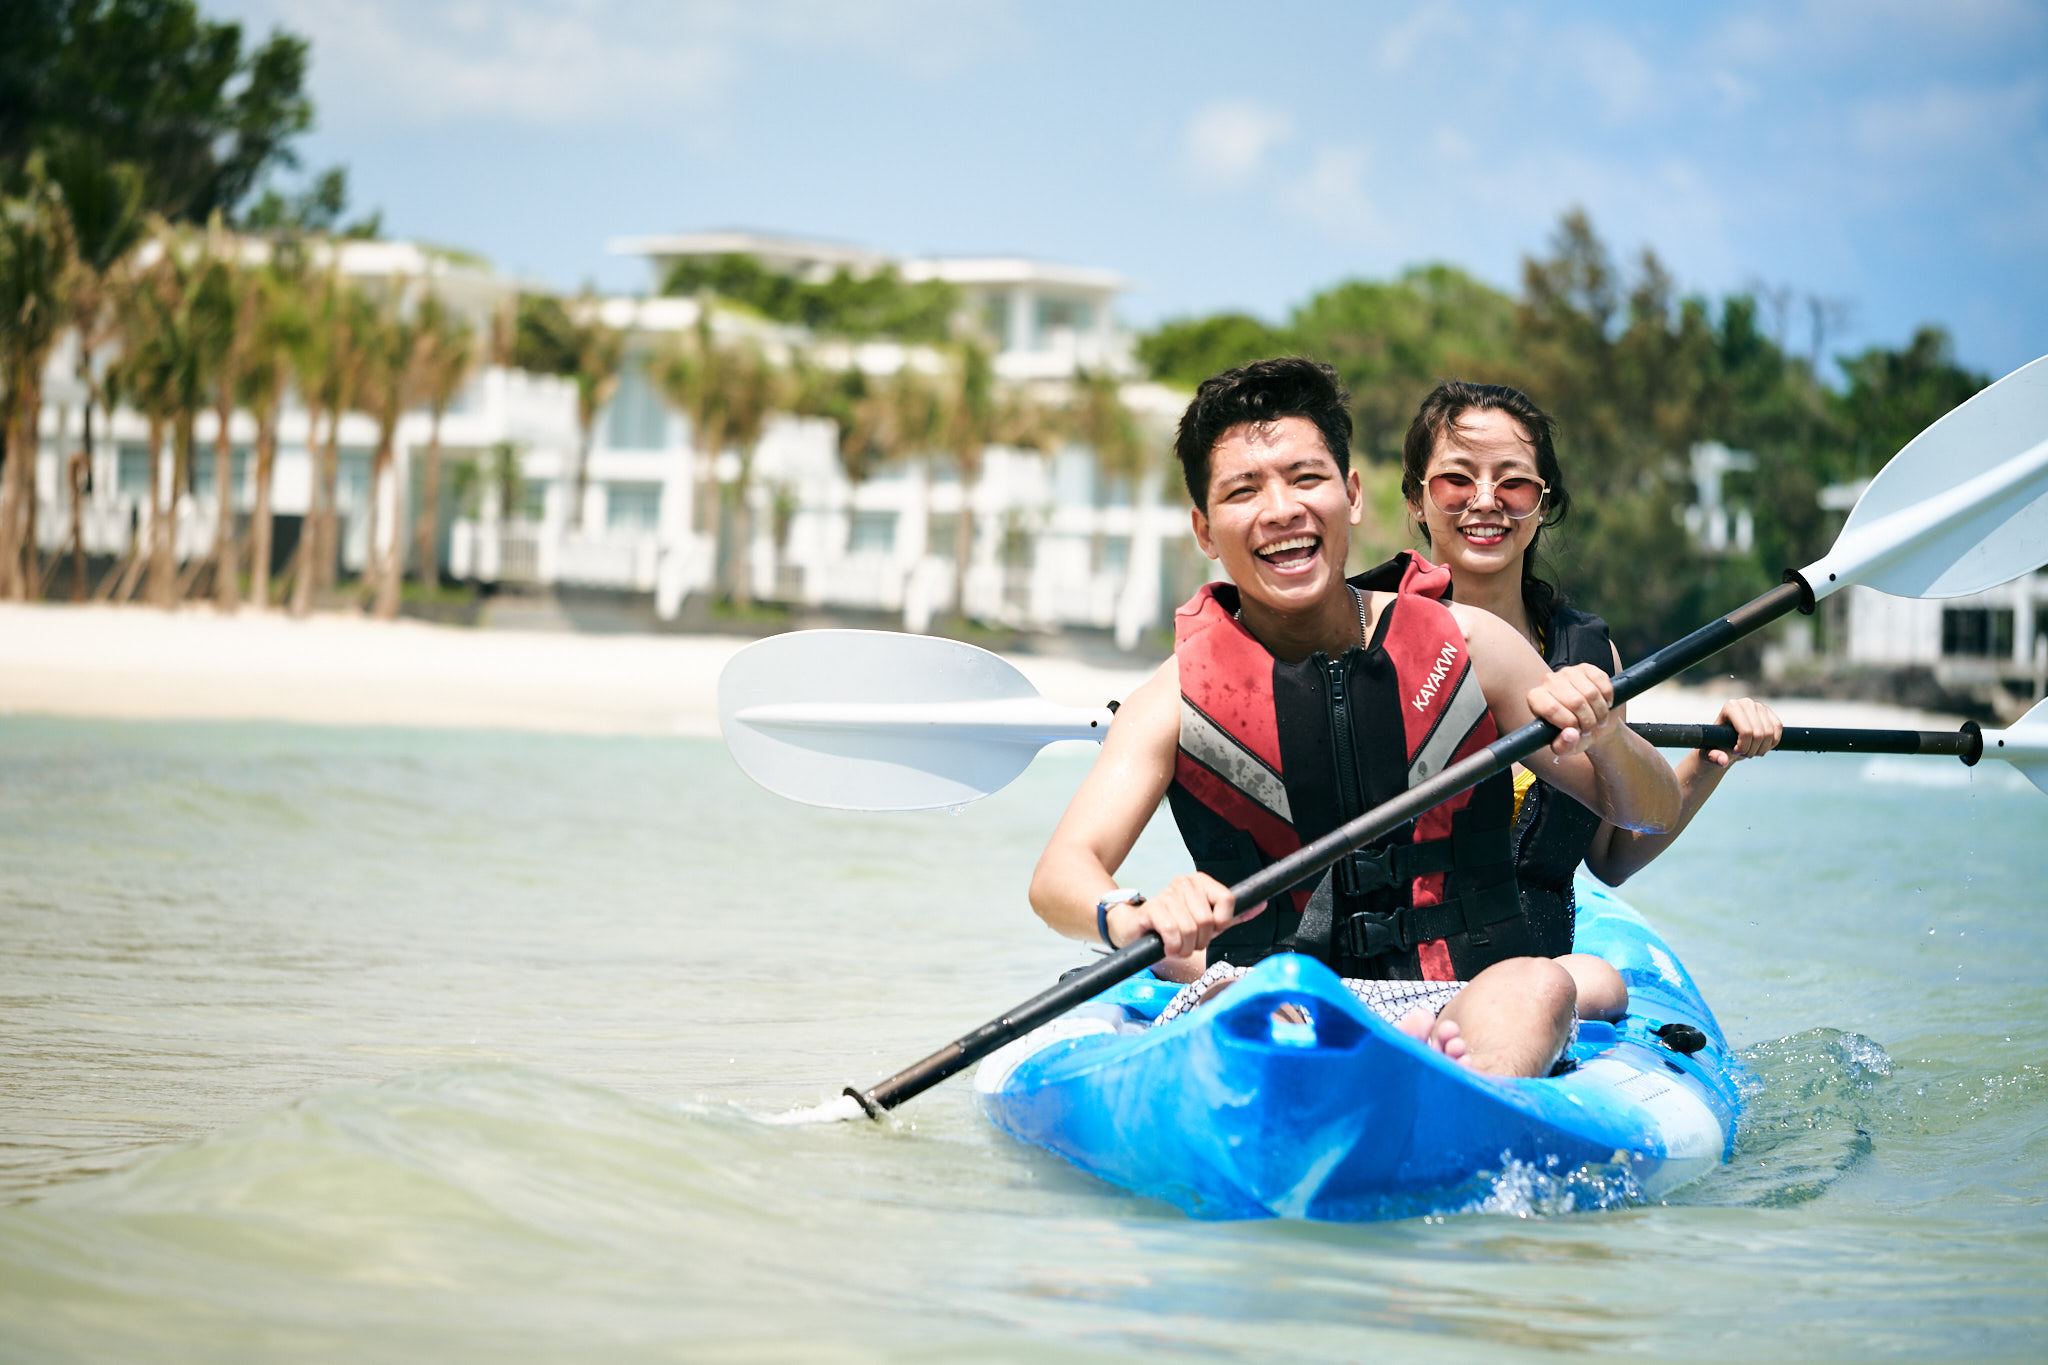 Bất động sản - Khám phá những dịch vụ đẳng cấp của khu nghỉ dưỡng ở Nam Phú Quốc (Hình 7).